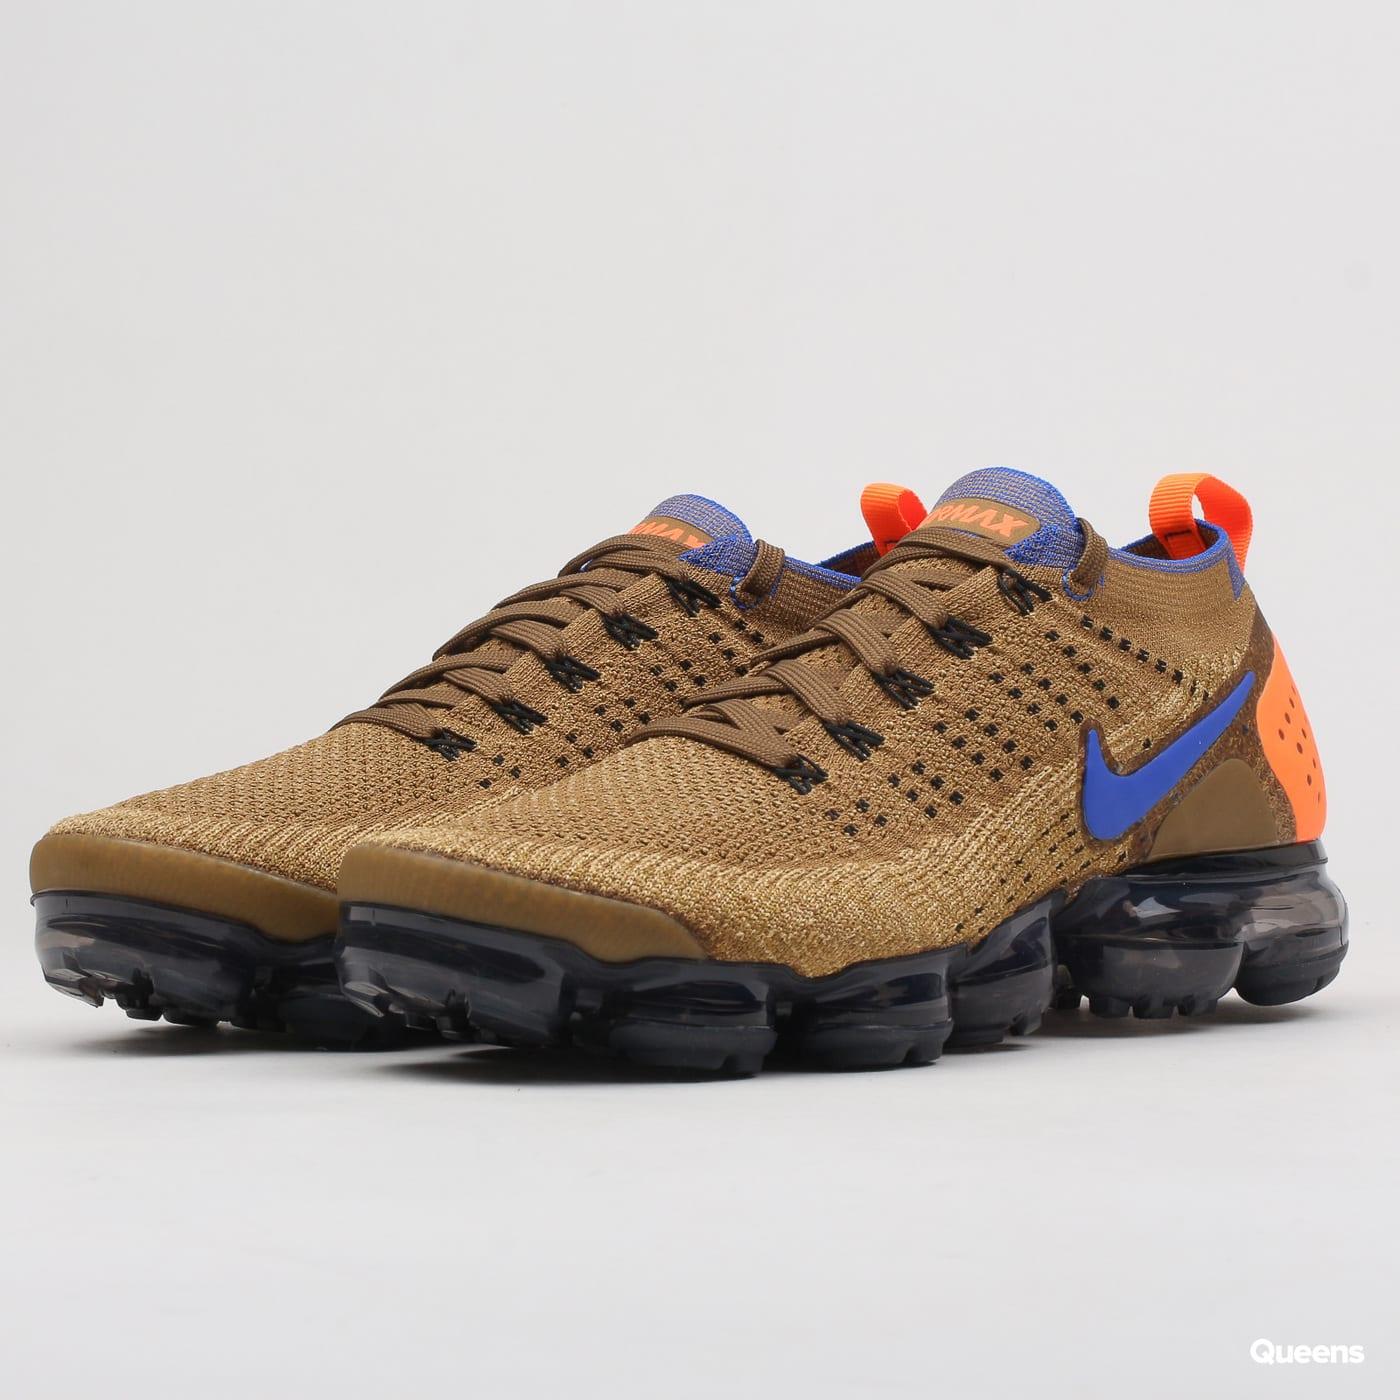 6d0d2ecd619e8 Sneakers Nike Air Vapormax Flyknit 2 (942842-203)– Queens 💚